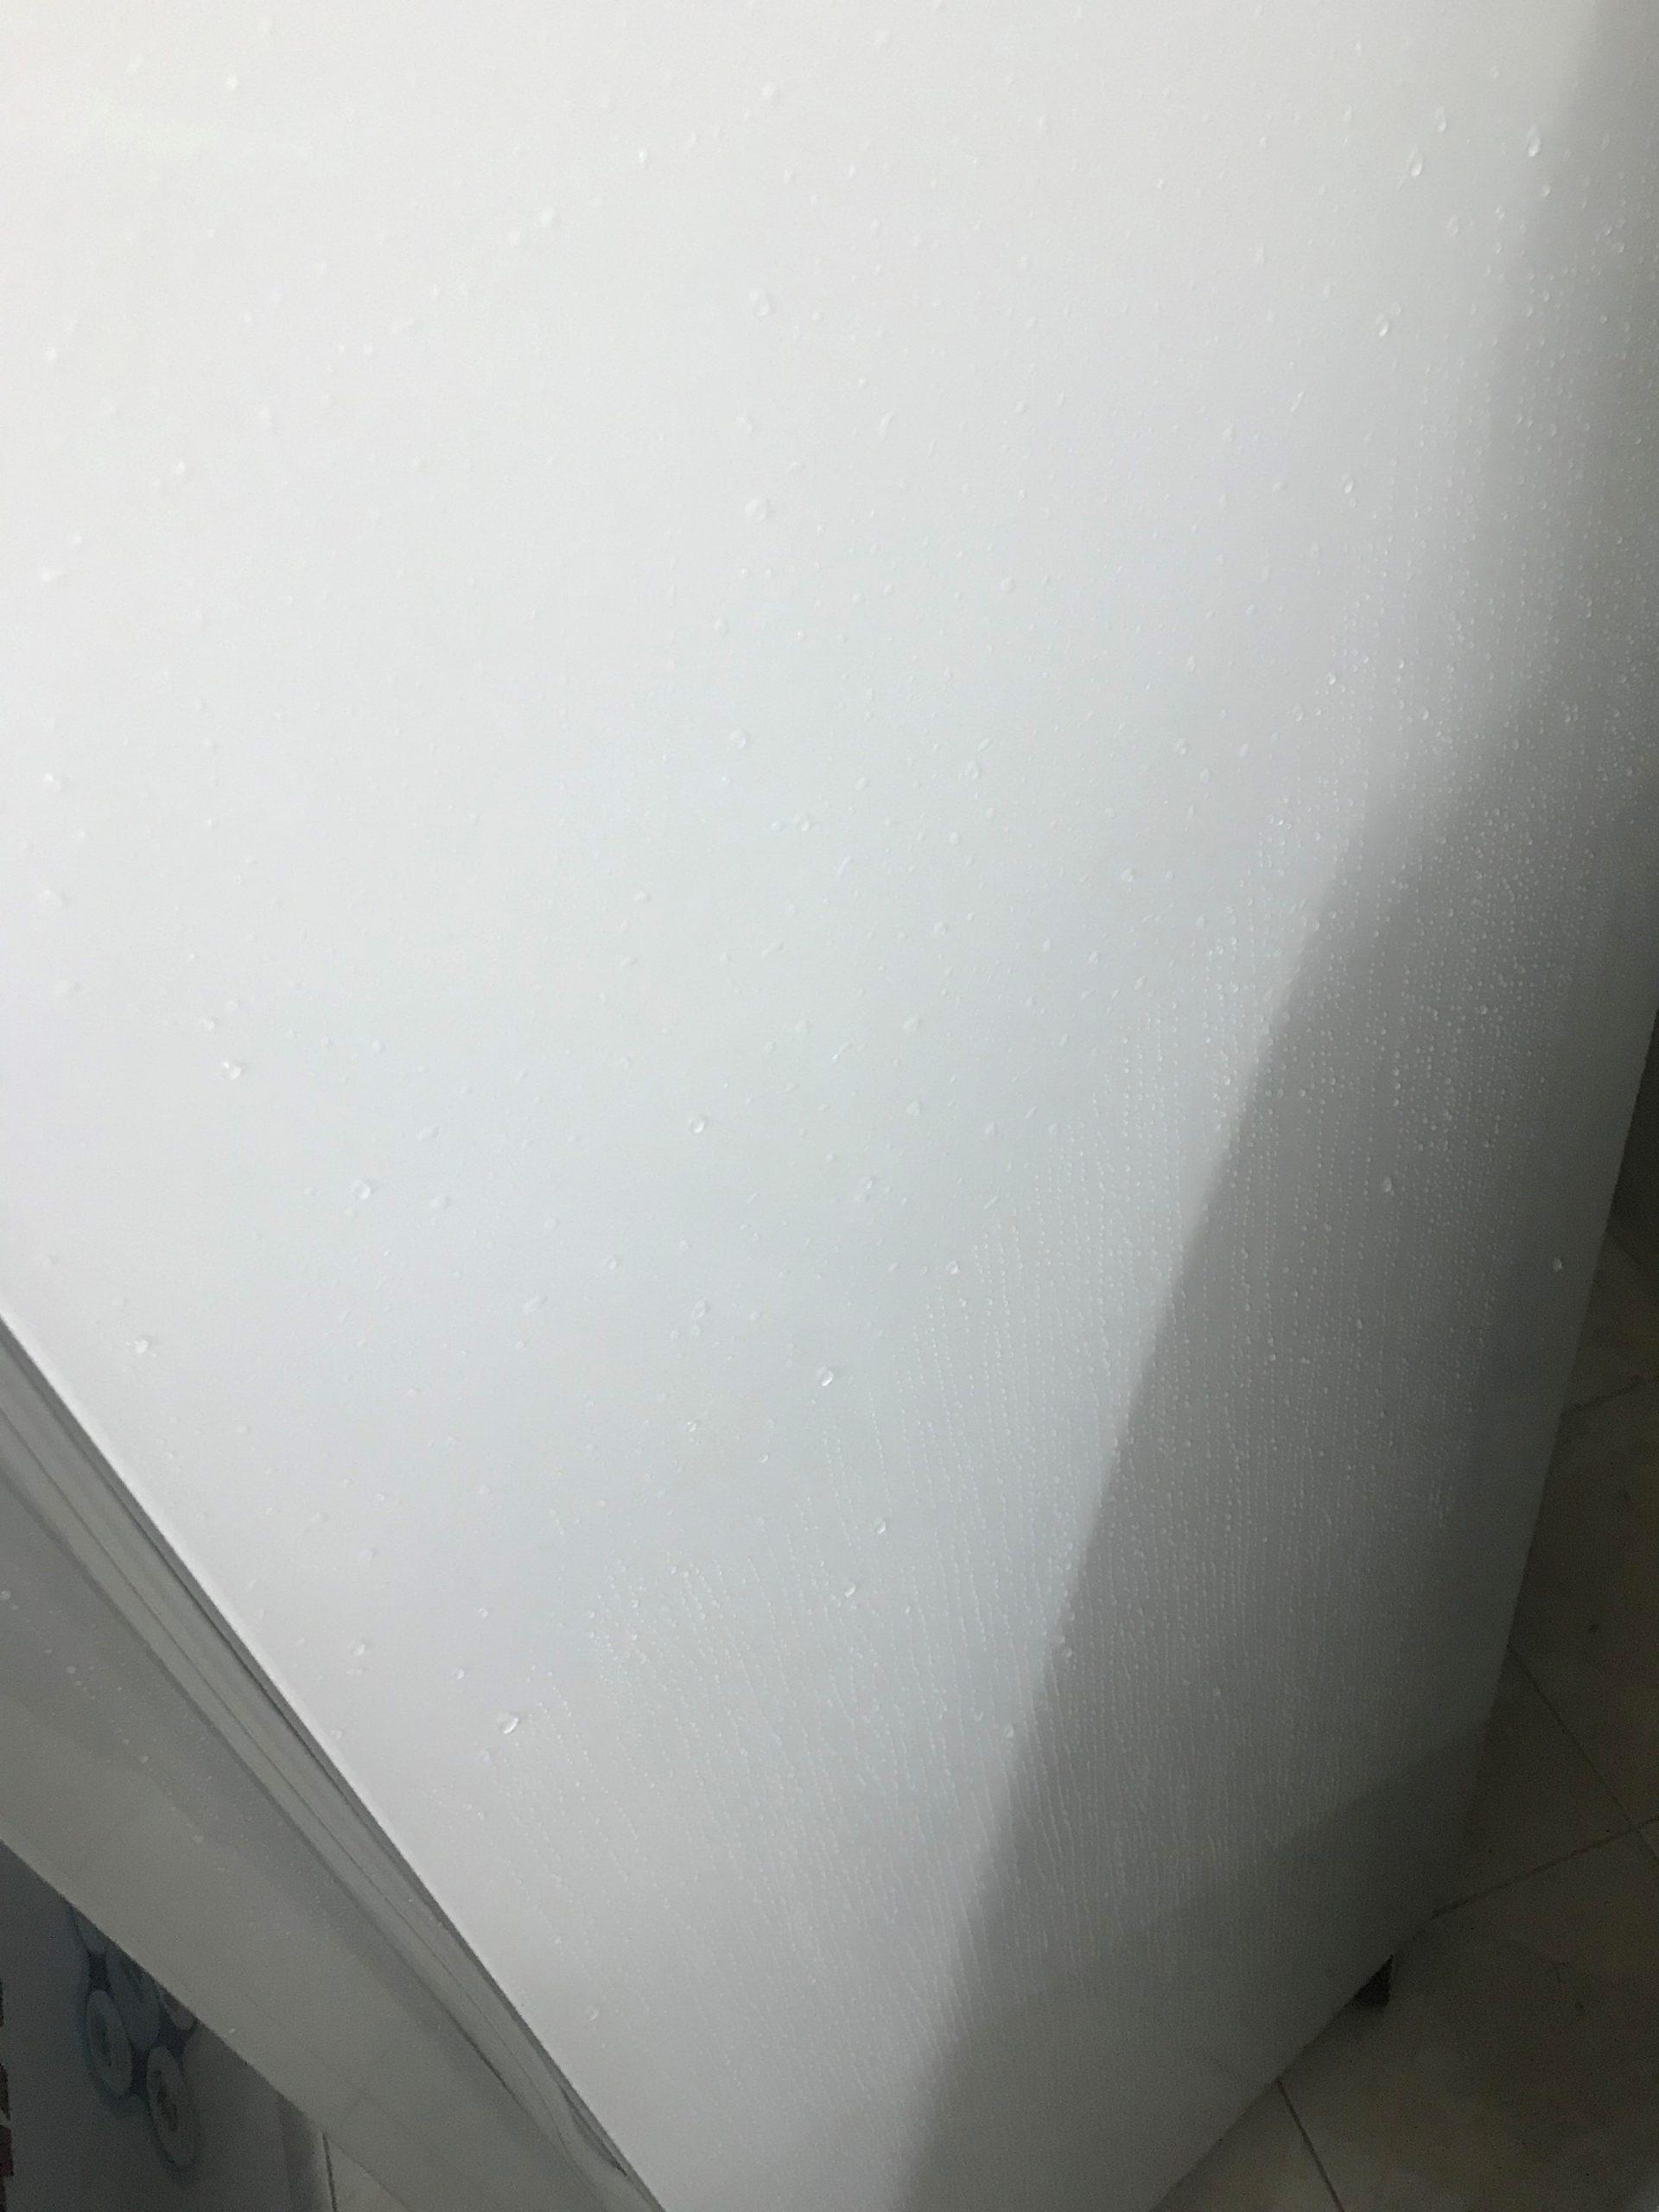 Tủ mát bị đổ mồ hôi? Nguyên nhân và cách khắc phục